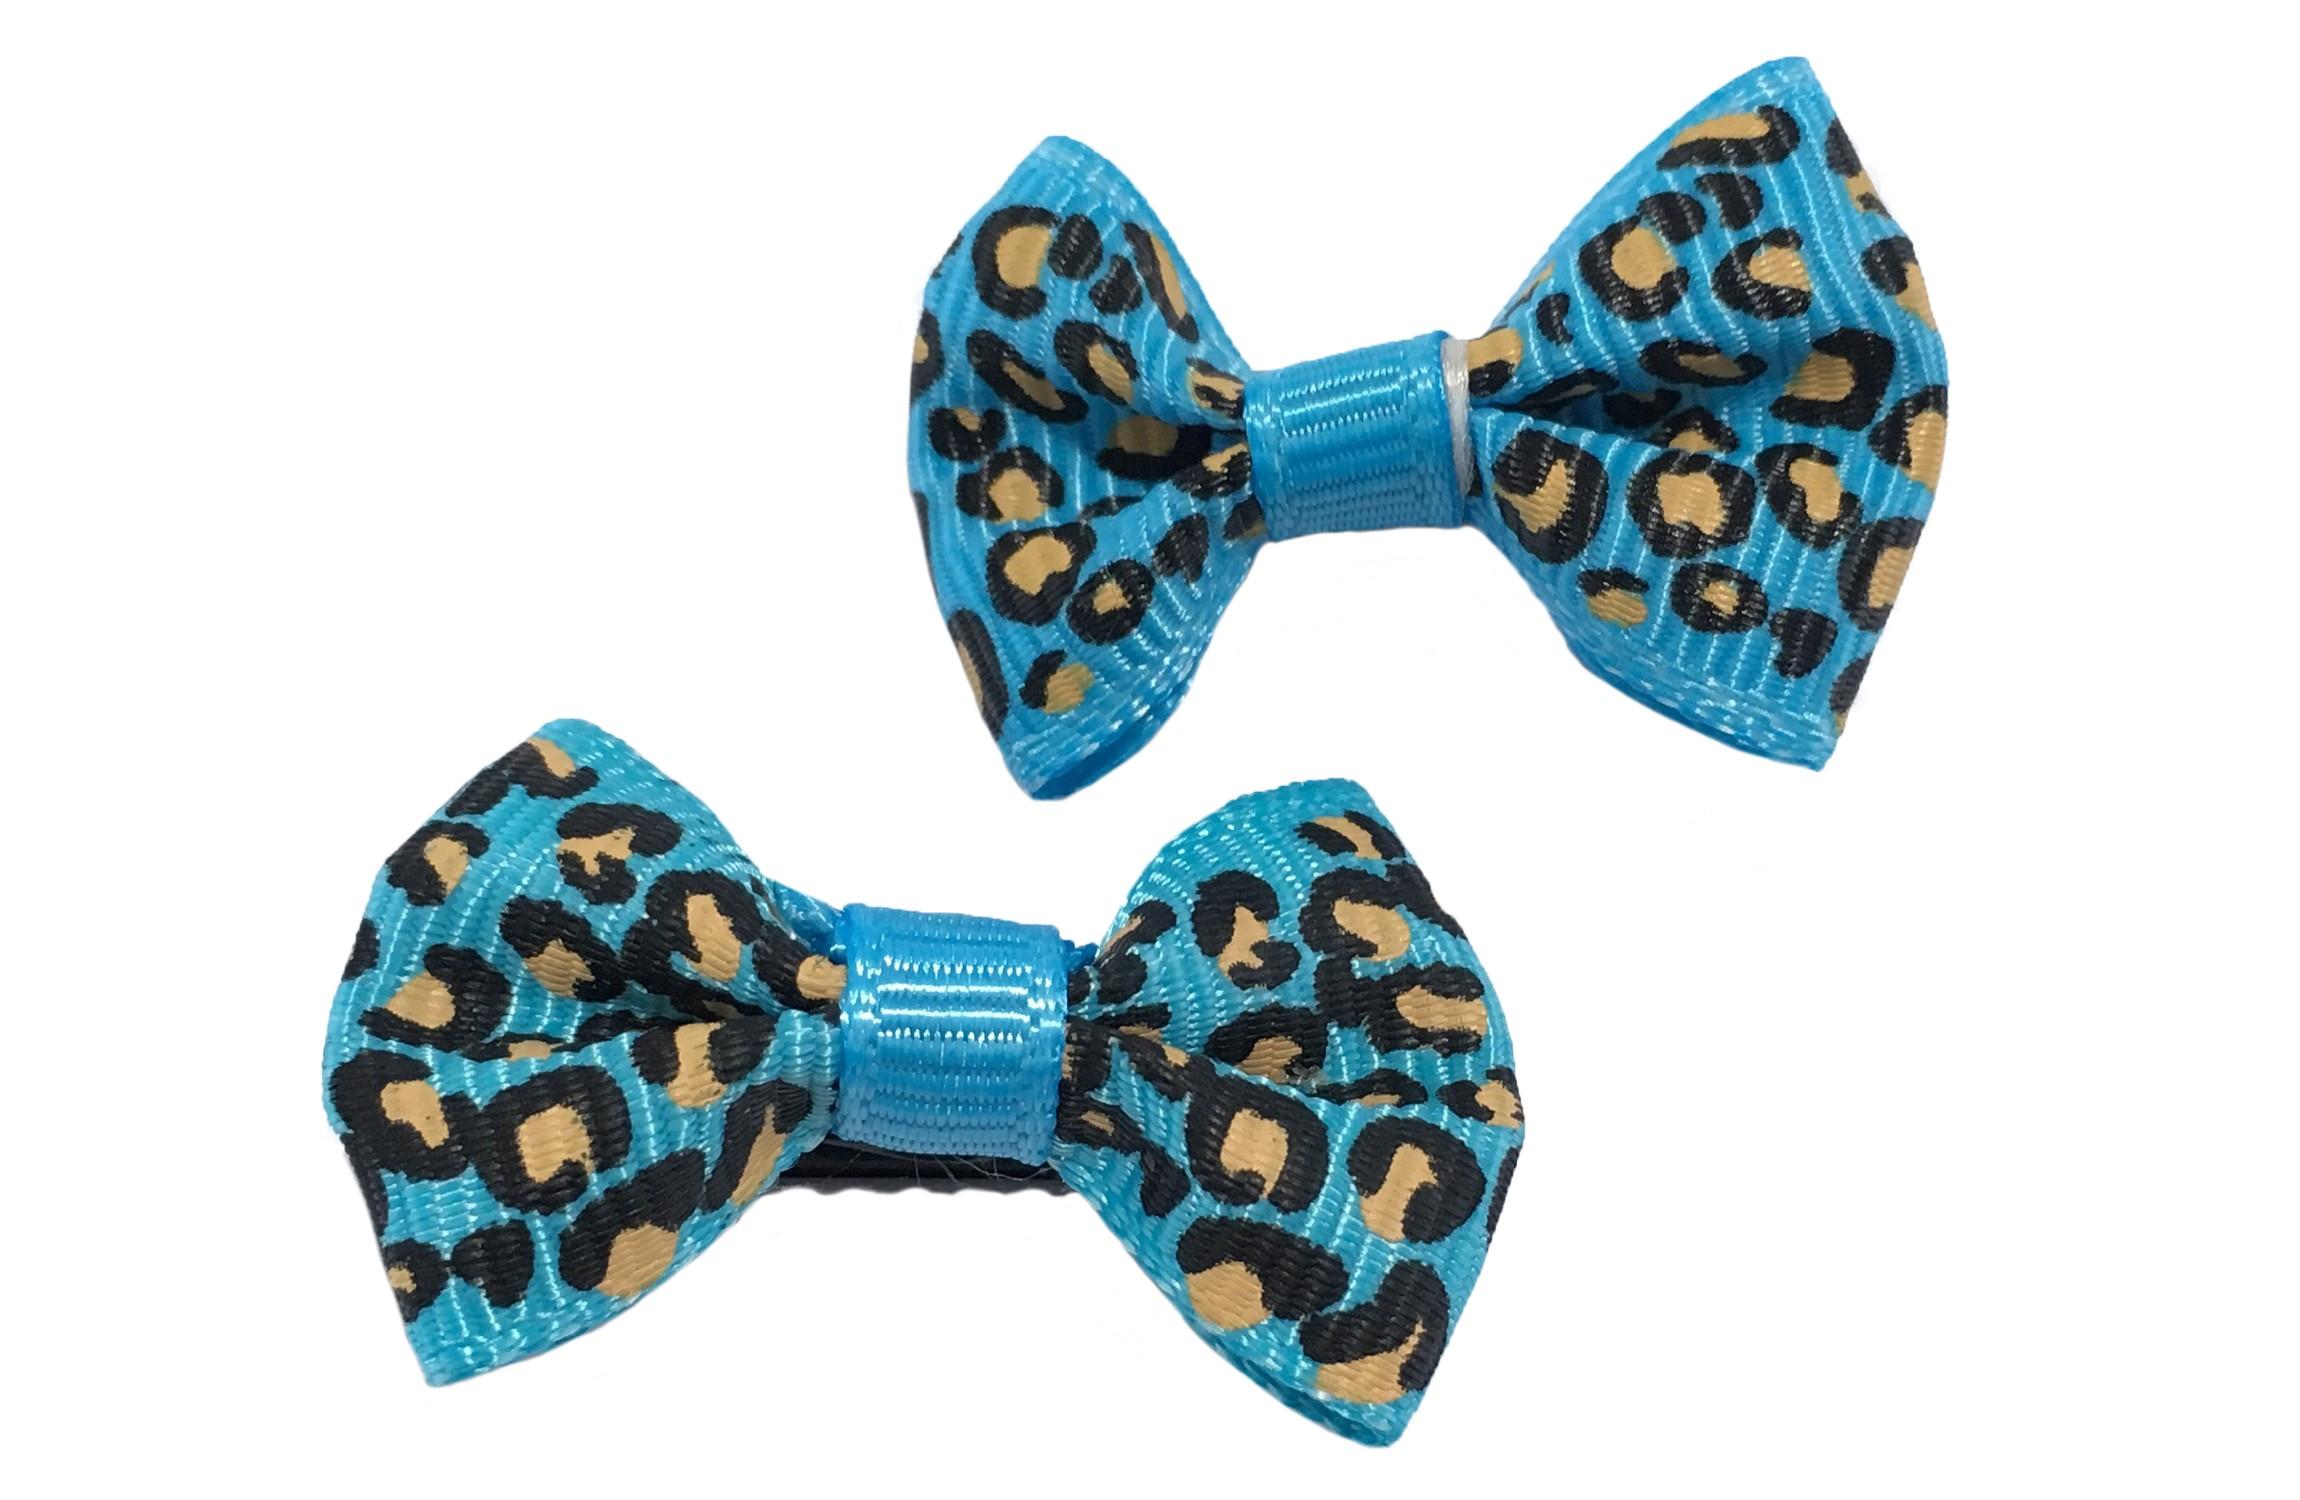 Vrolijk setje van 2 kleine blauwe haarstrikjes met luipaard printje.  Op een klein zwart alligatorknipje van 3 centimeter.